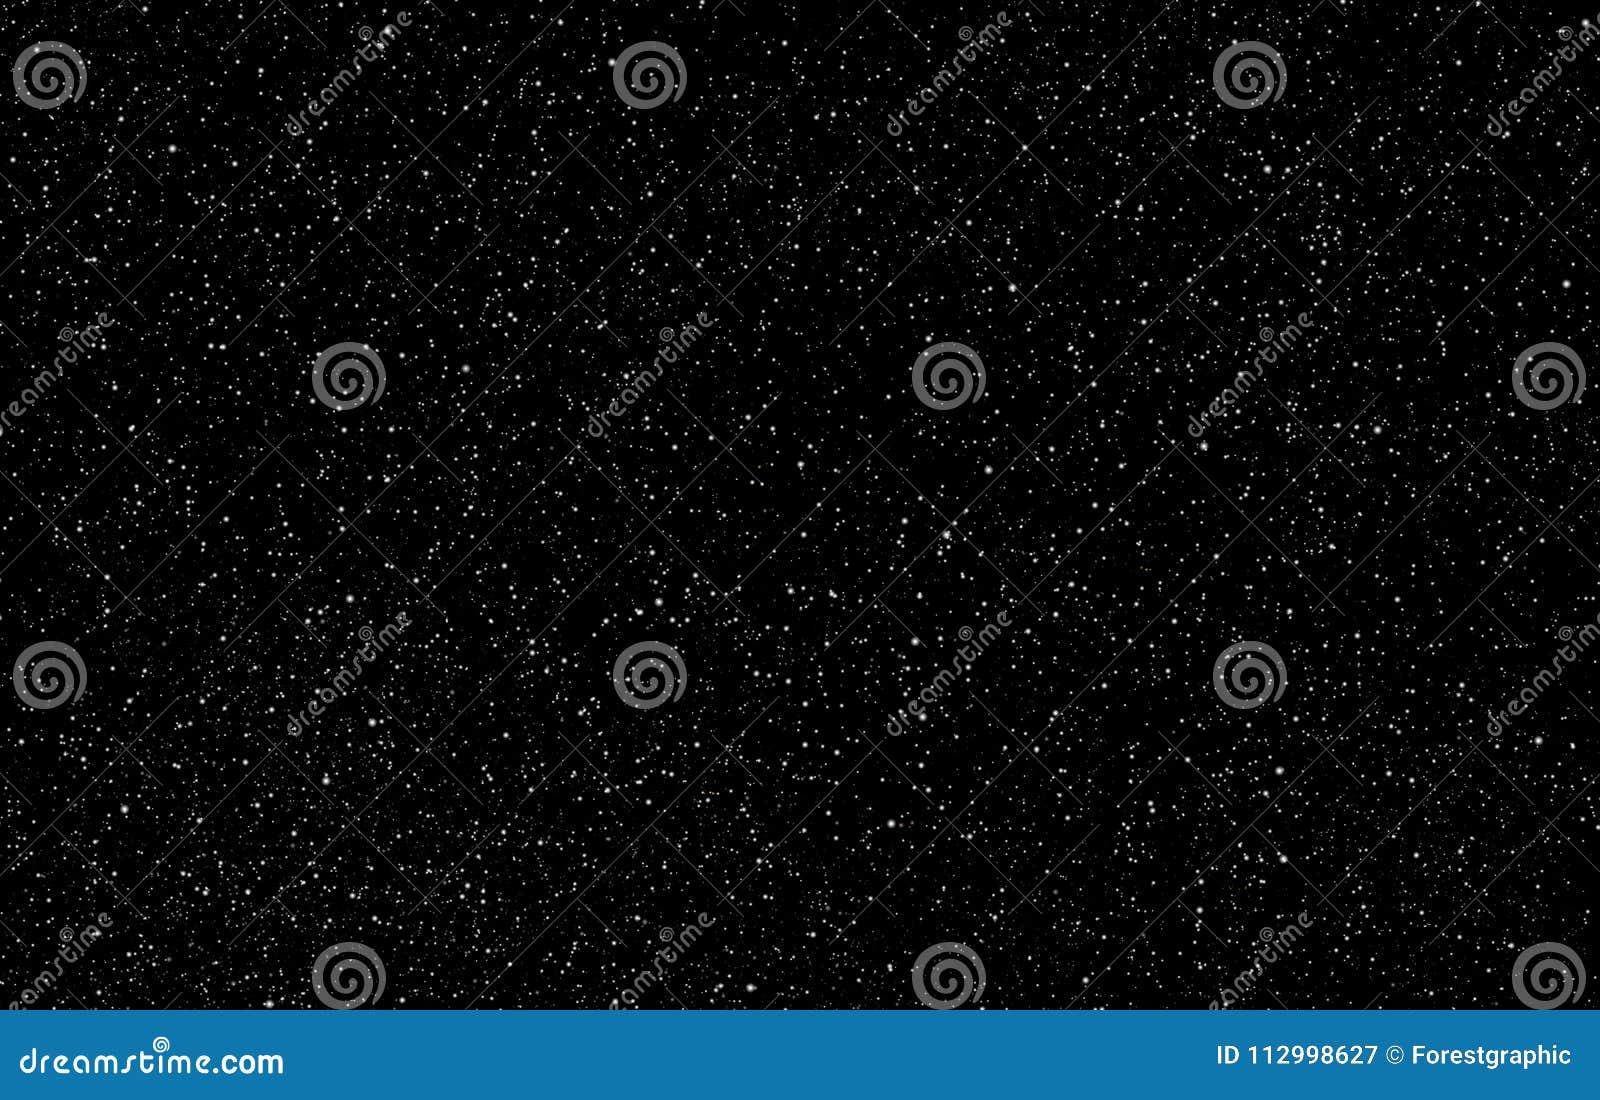 Perfectionnez le fond étoilé de ciel nocturne - backgro de vecteur d espace extra-atmosphérique